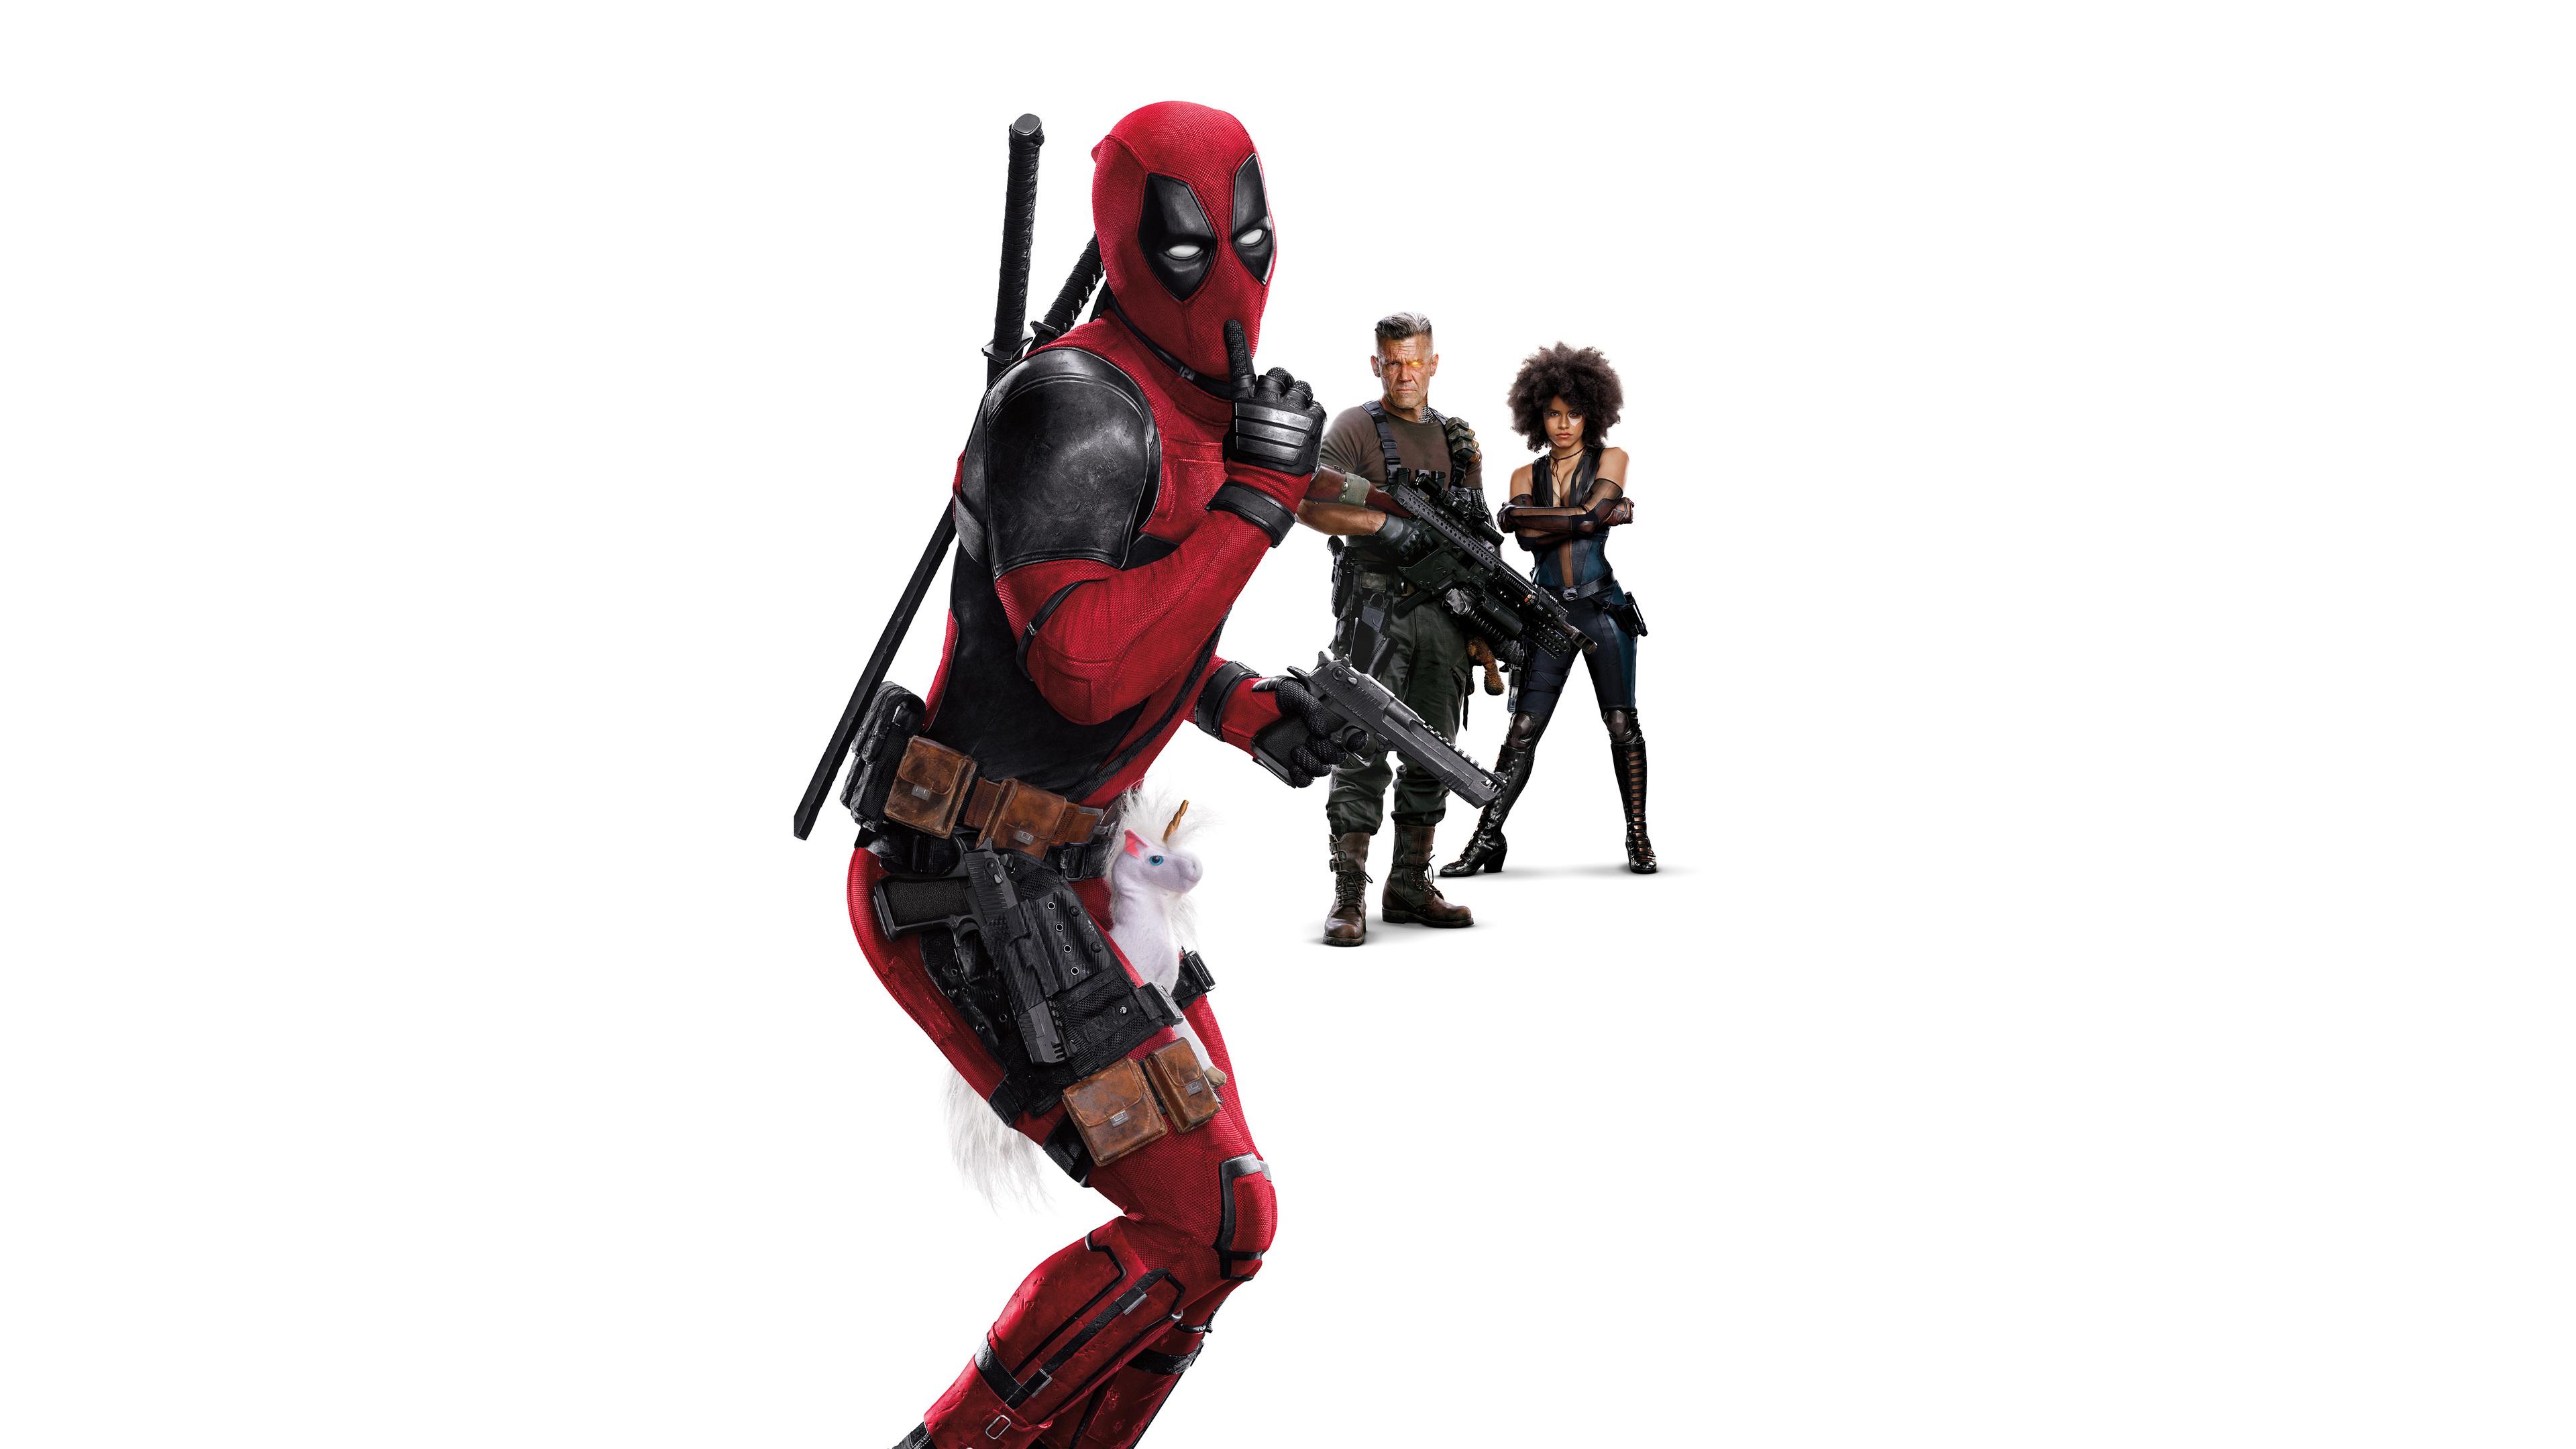 deadpool 2 movie 5k 1537645751 - Deadpool 2 Movie 5k - movies wallpapers, hd-wallpapers, deadpool wallpapers, deadpool 2 wallpapers, 5k wallpapers, 4k-wallpapers, 2018-movies-wallpapers